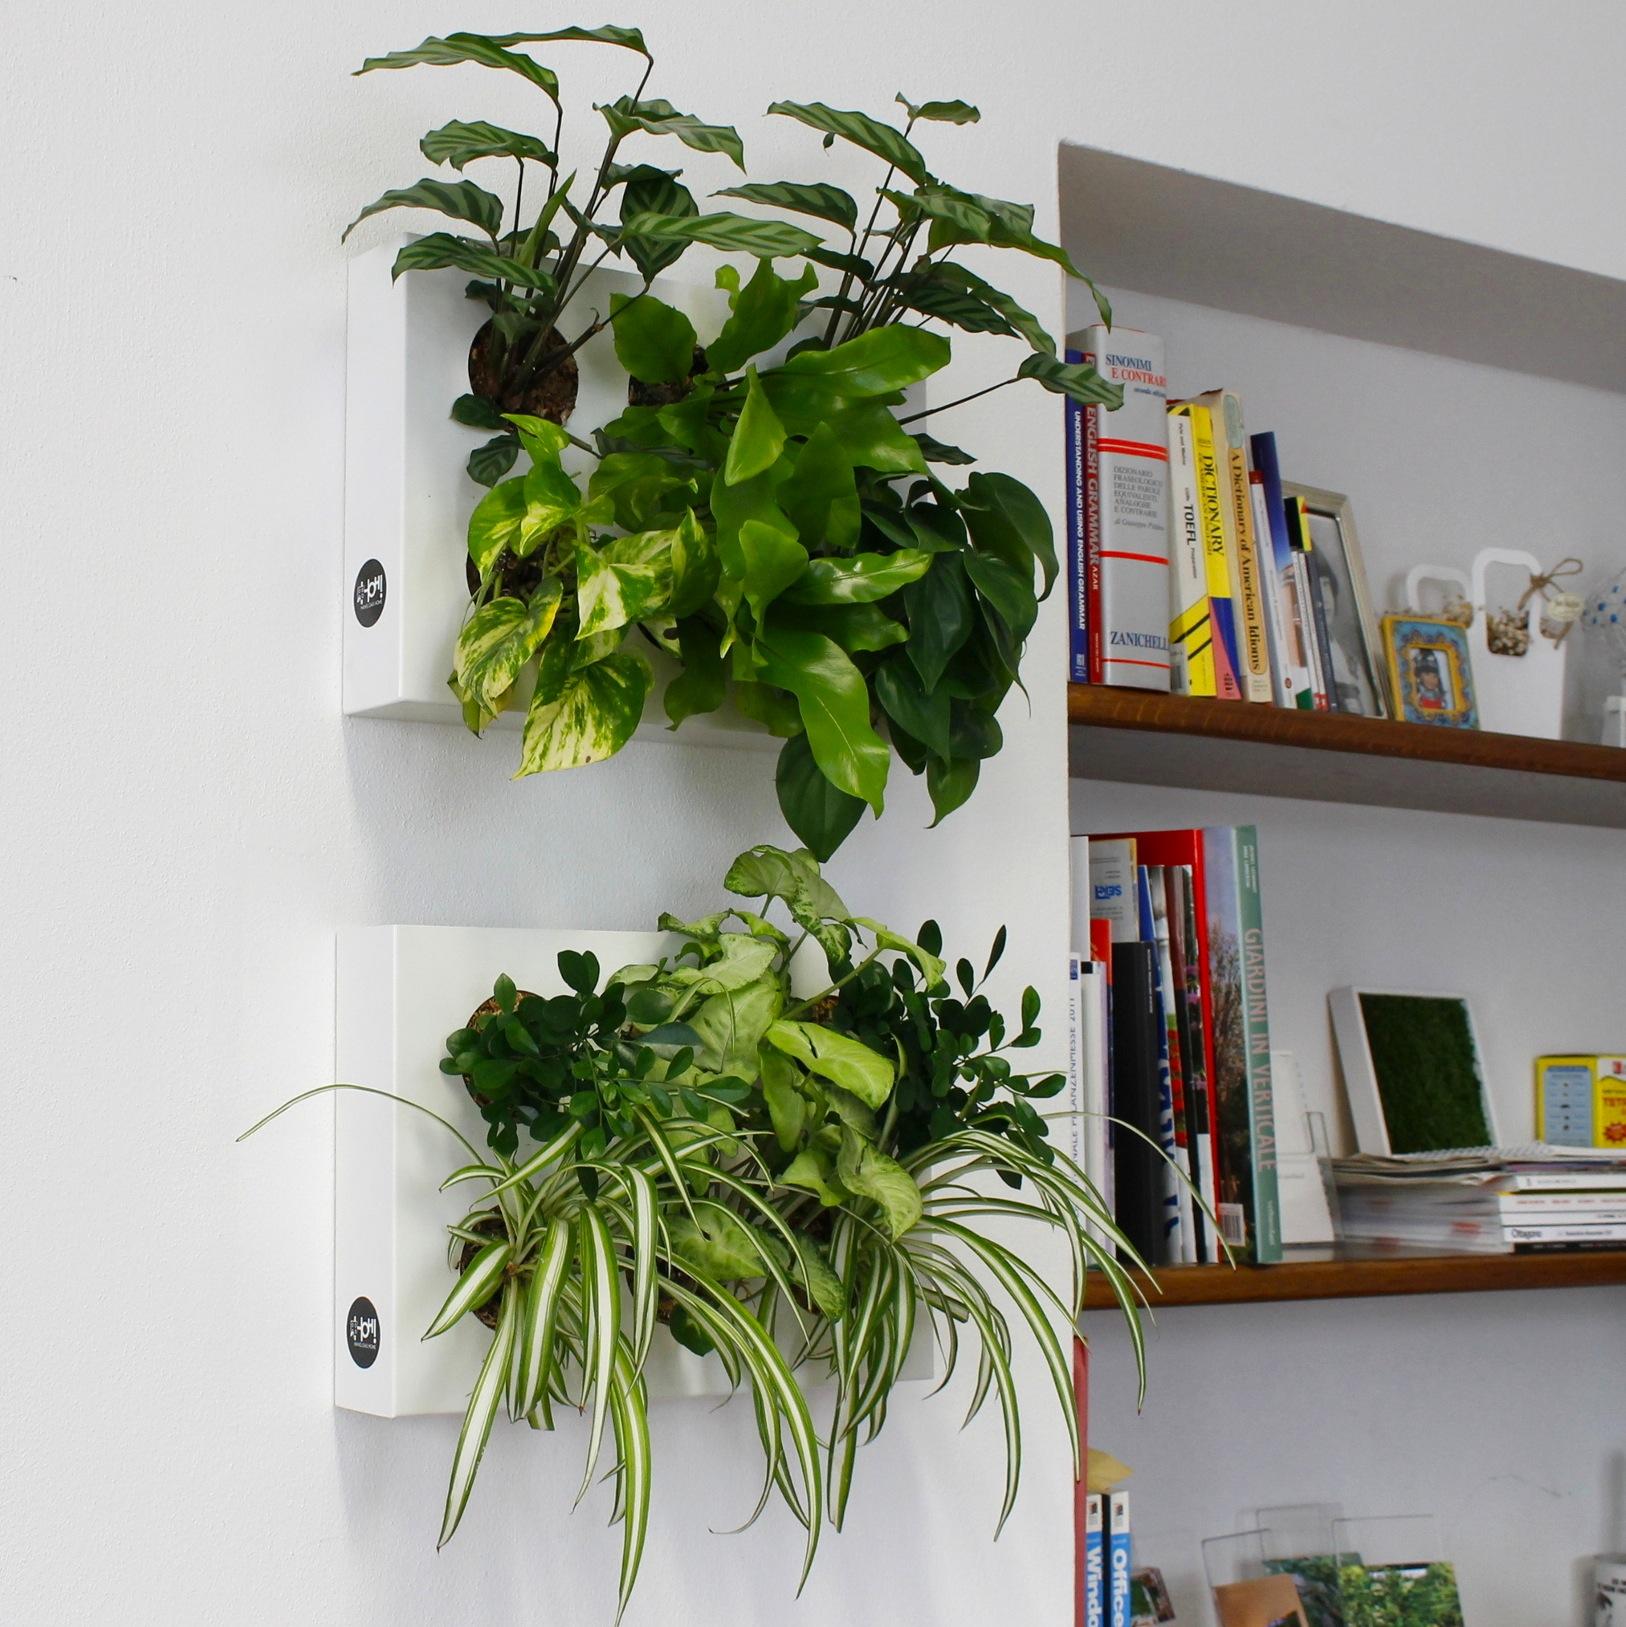 Giardini interni e pareti in verde verticale for Giardini da arredare